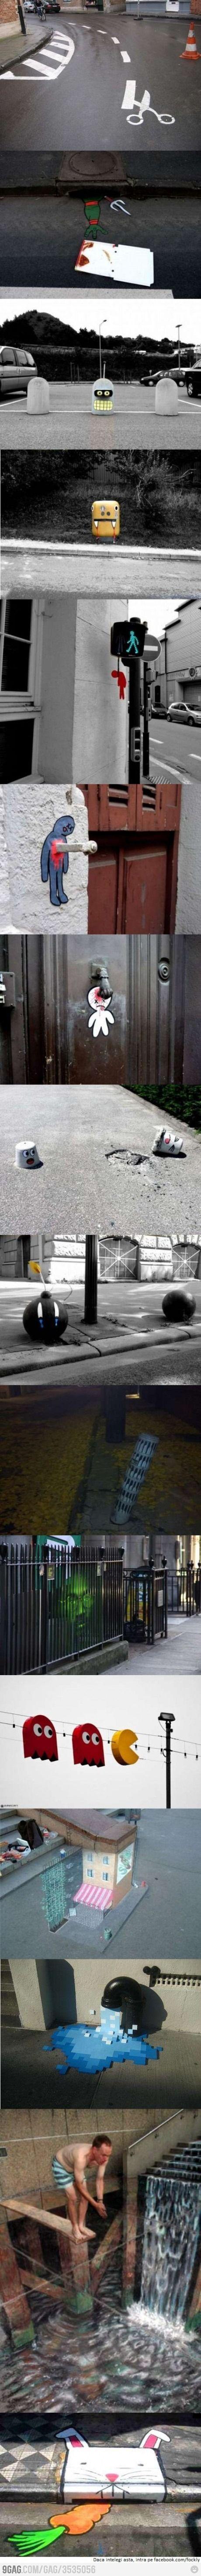 Street-Art [ninja] [égoûts] [évacuation] [réseaux d'aux, électricité, internet] [capter] [desservir] [lignes] [téléphonie] [câble] [prise] [centrales